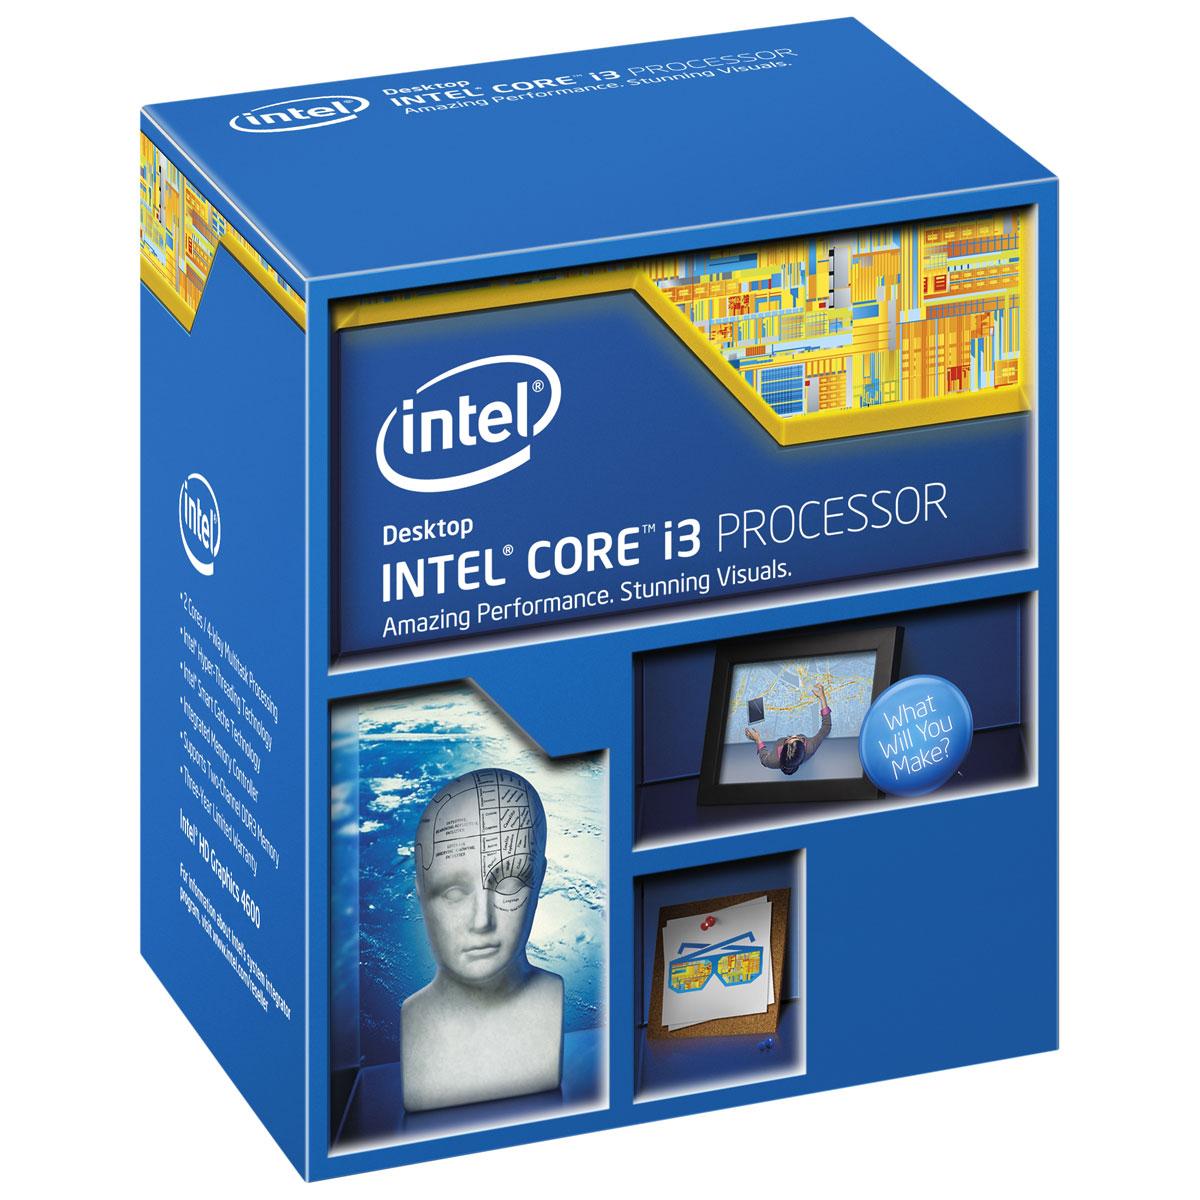 Processeur Intel Core i3-4330 (3.5 GHz) Processeur Dual Core Socket 1150 Cache L3 4 Mo Intel HD Graphics 4600 0.022 micron (version boîte - garantie Intel 3 ans)